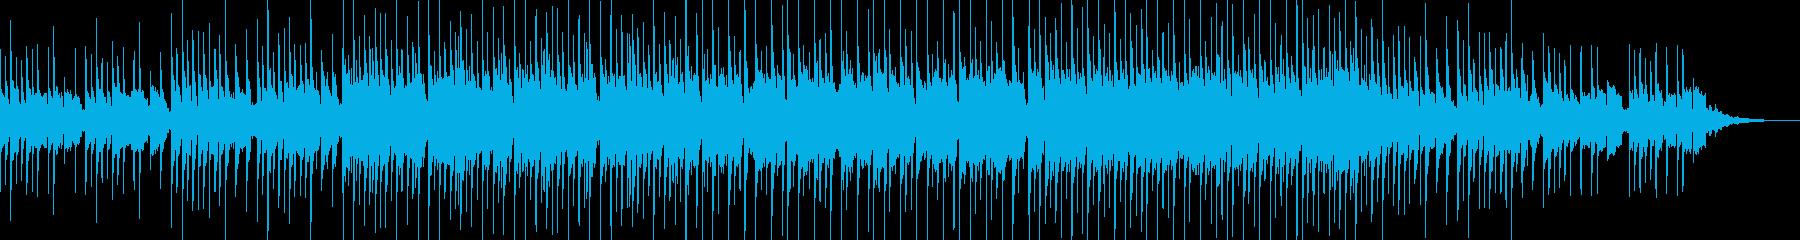 爽やかで可愛らしいポップスの再生済みの波形